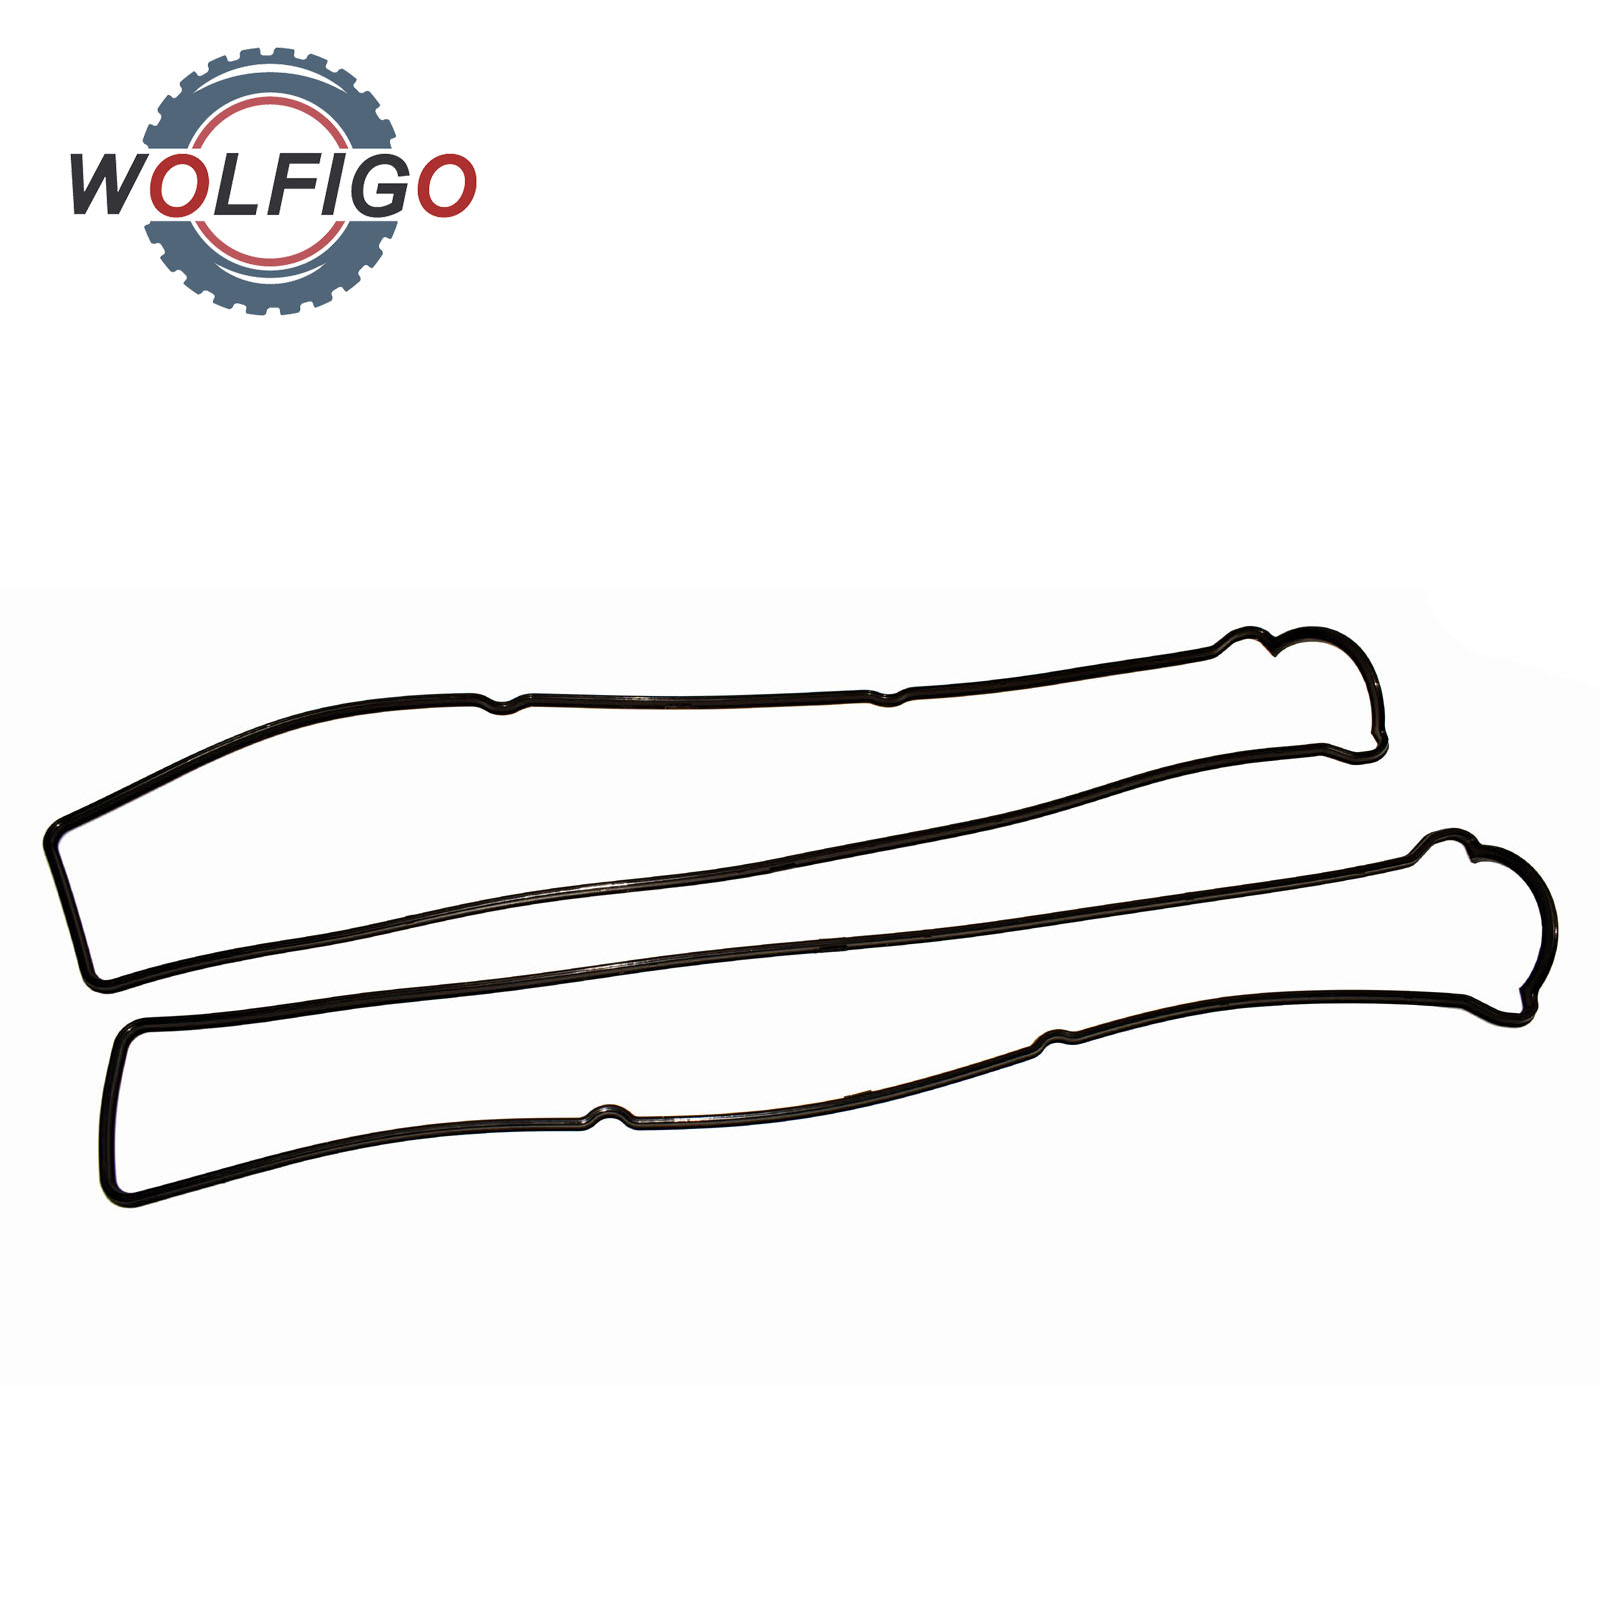 Aliexpress.com : Buy WOLFIGO New Left Right VALVE COVER